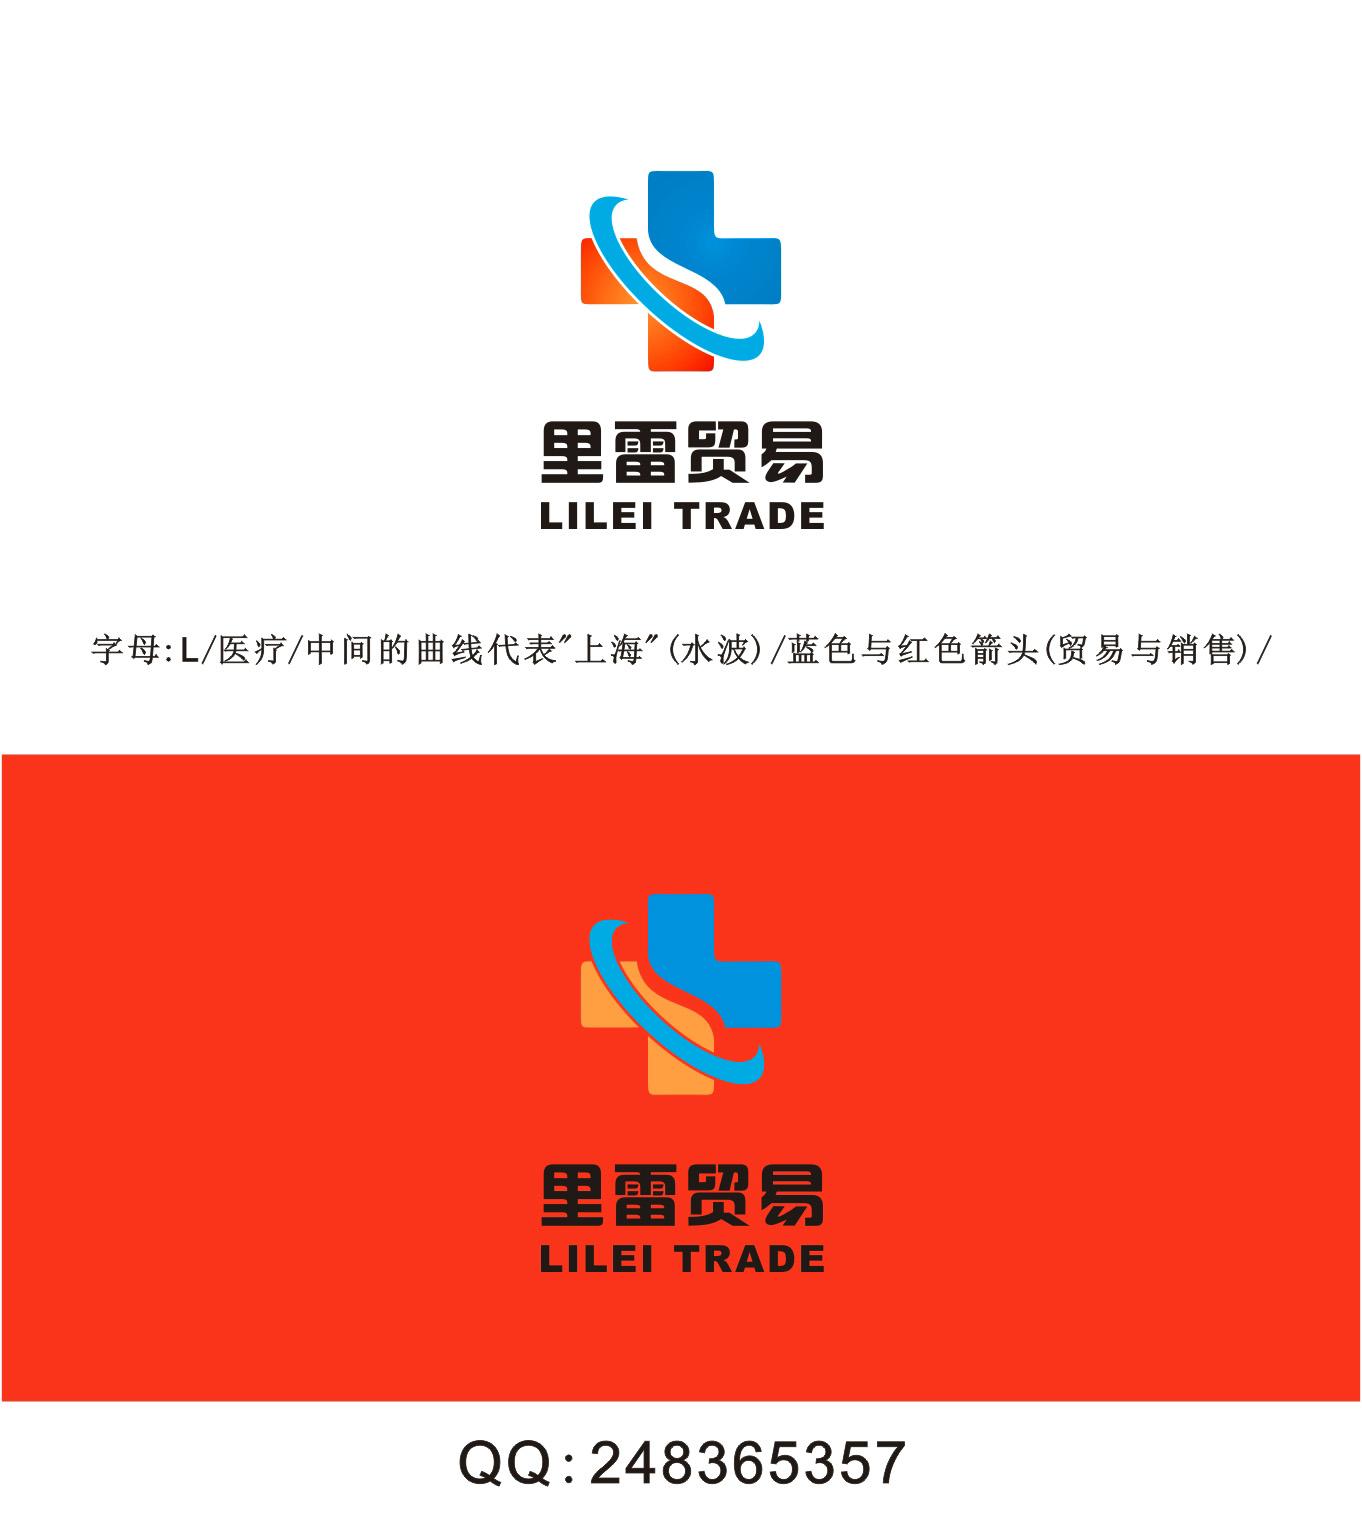 医疗公司logo_2964001_k68威客网